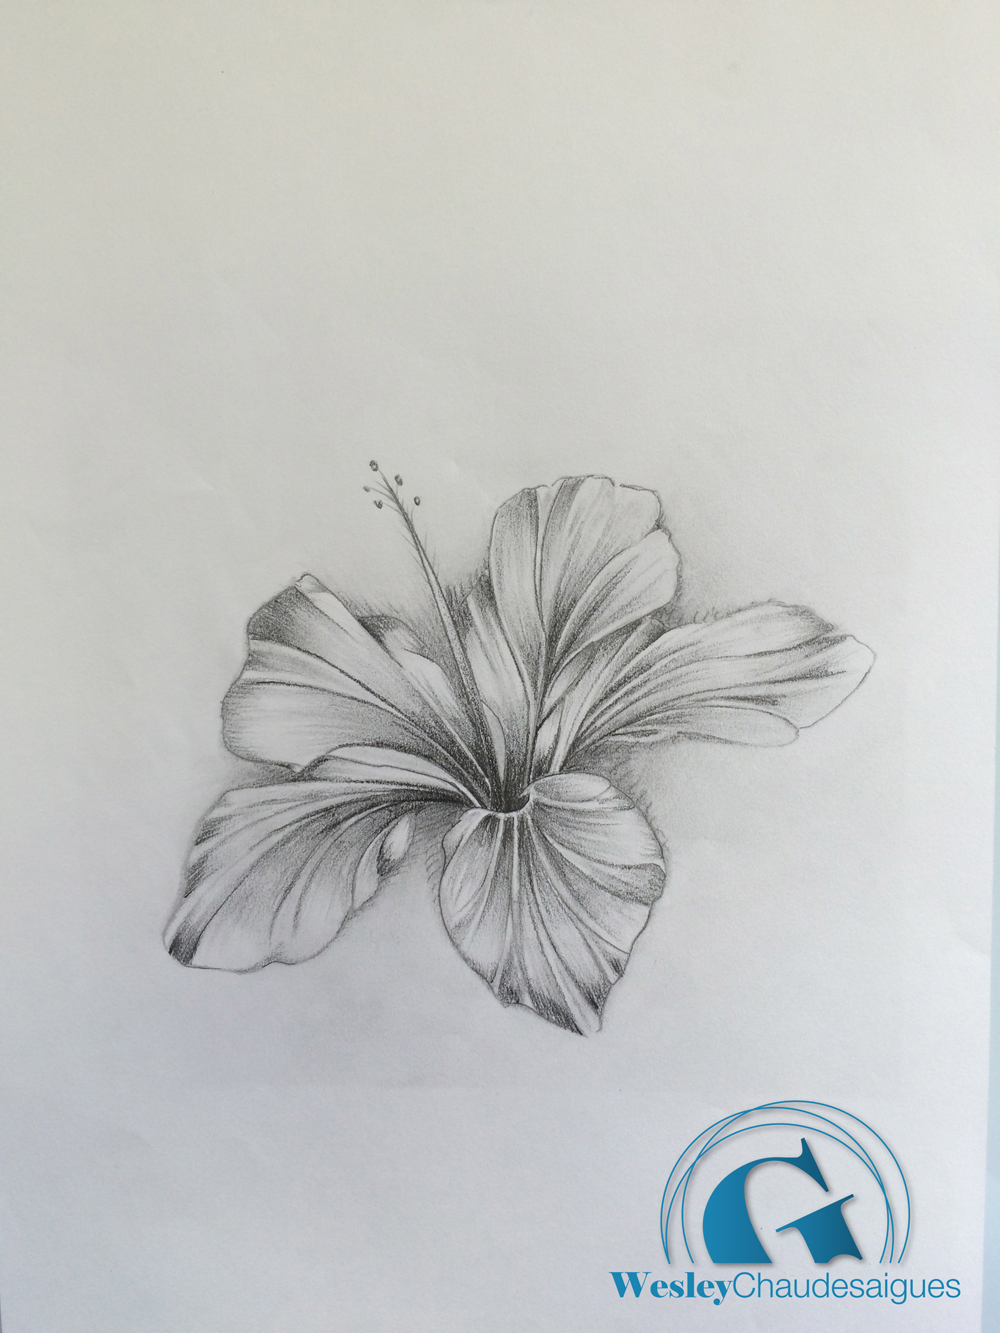 portrait de wesley chaudesaigues studios tatouage. Black Bedroom Furniture Sets. Home Design Ideas